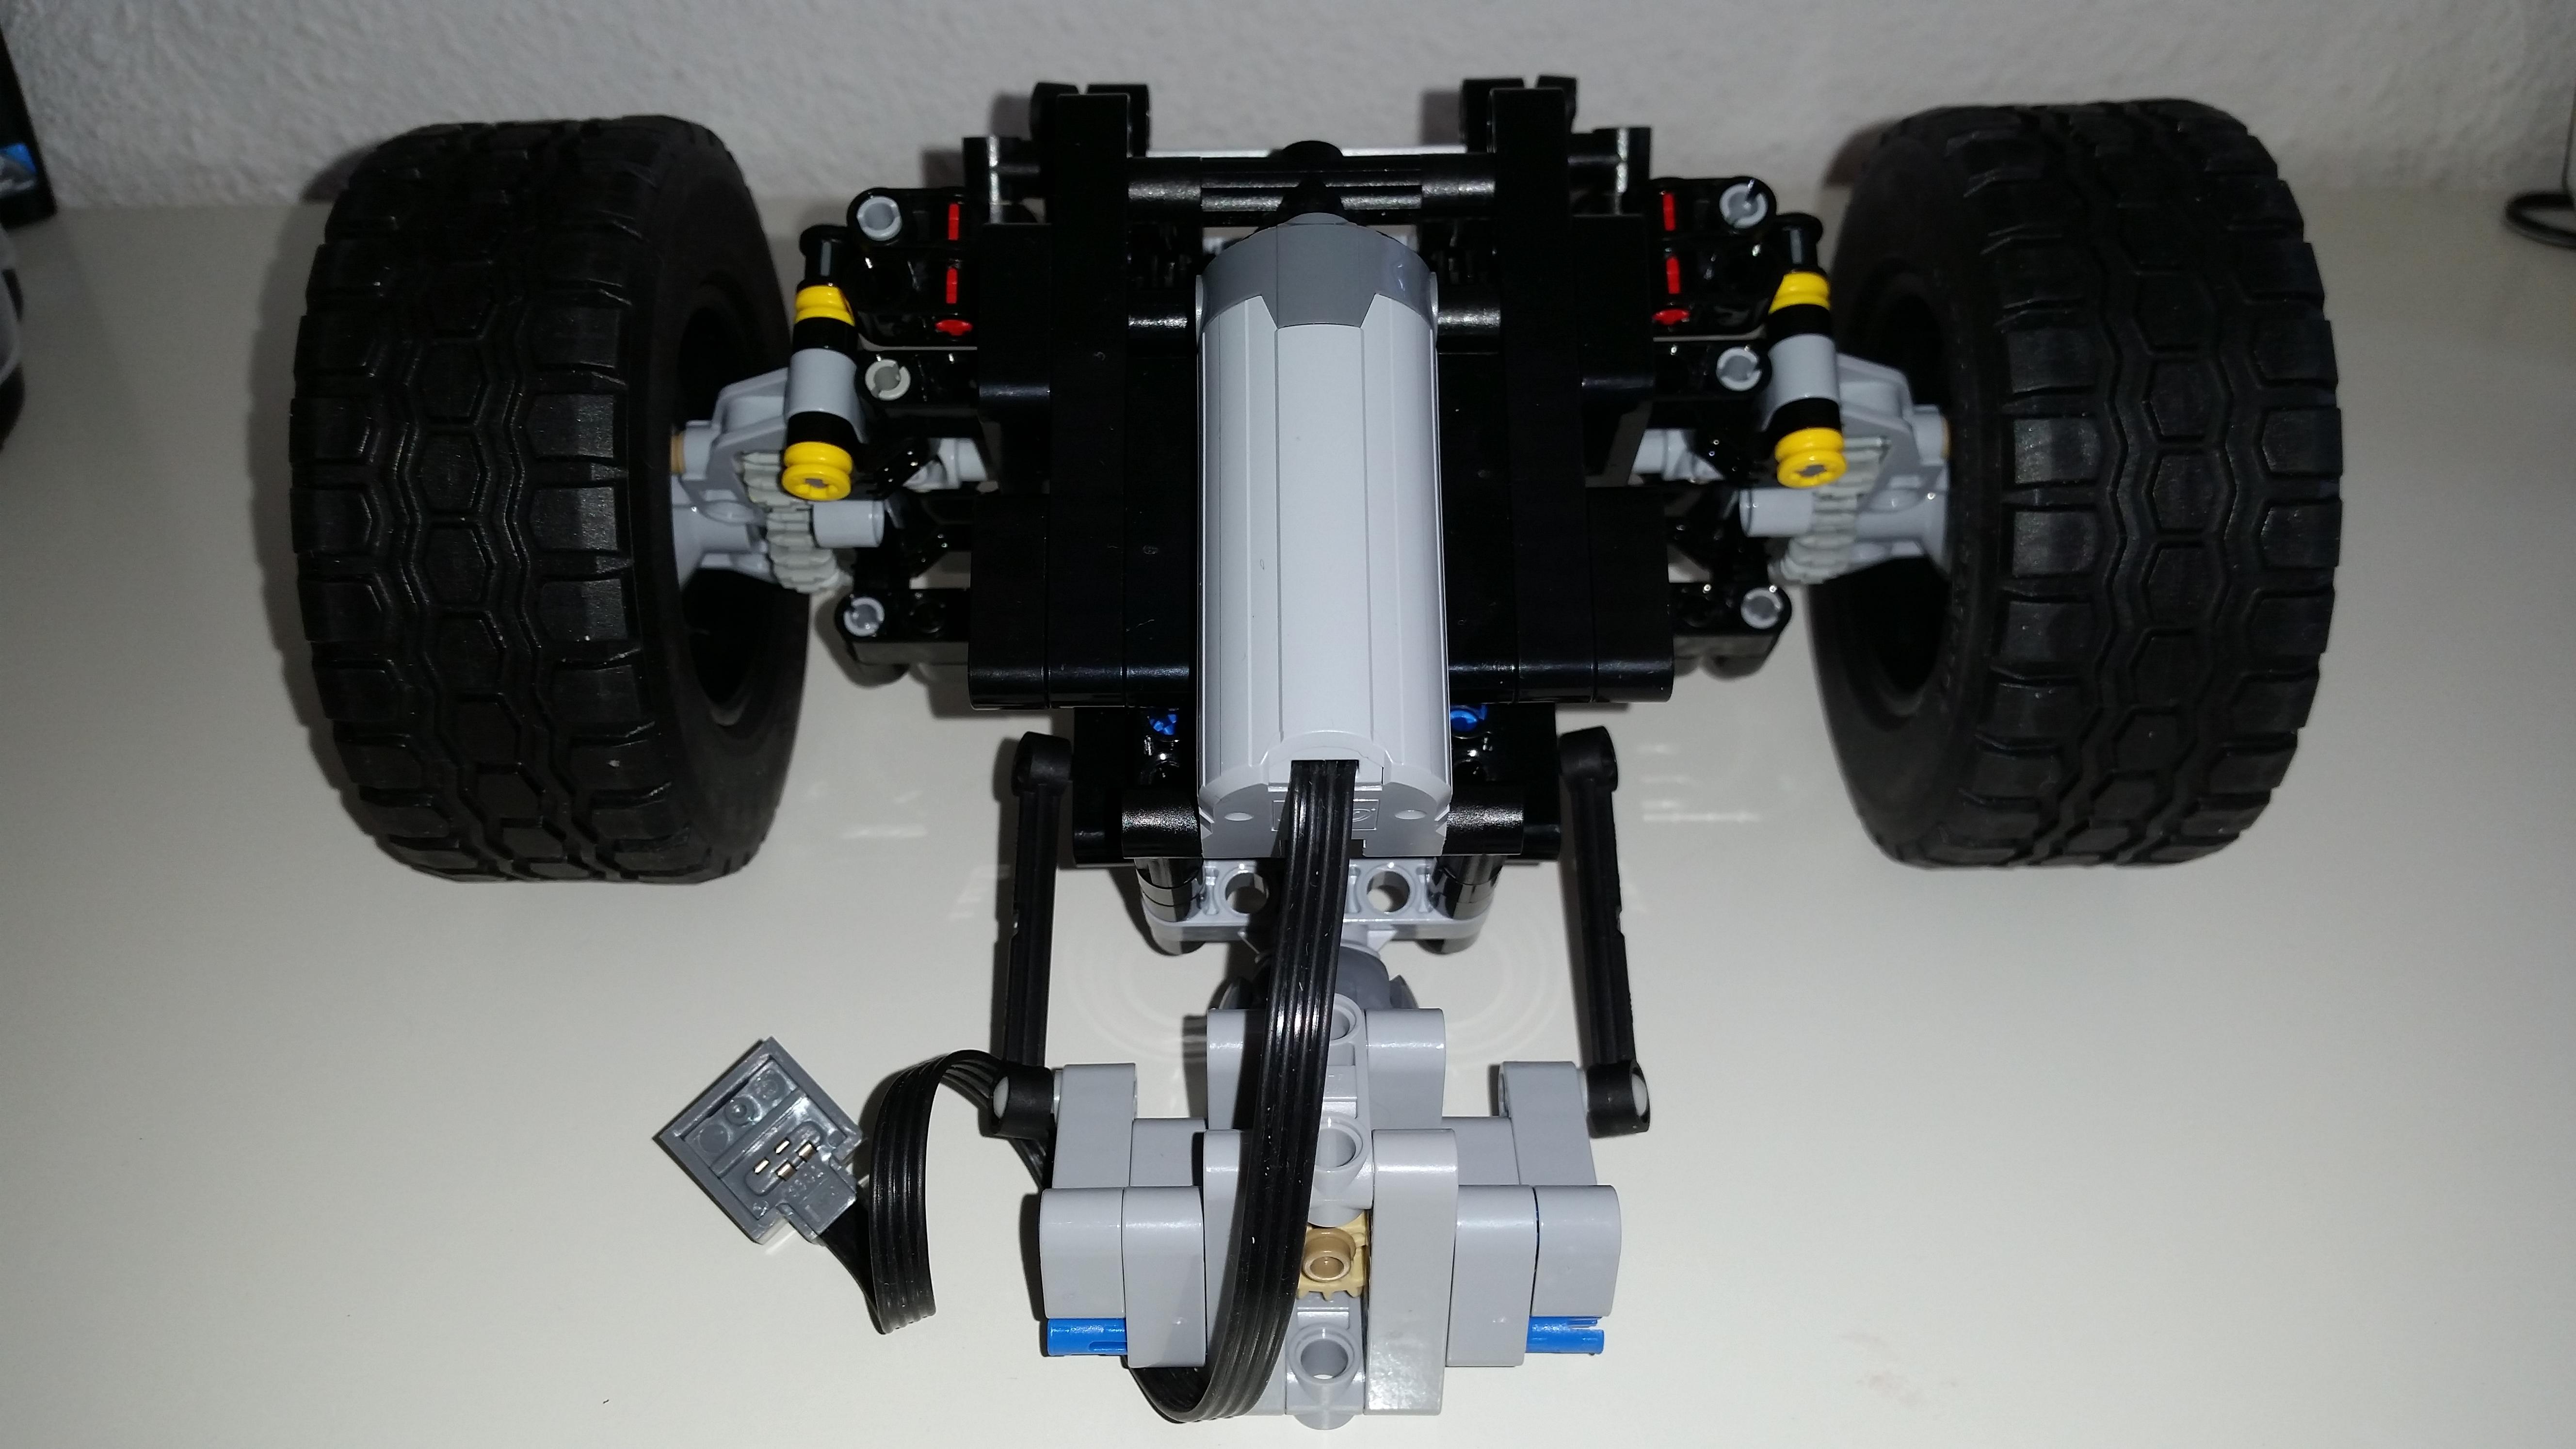 moc airport crash tender page 5 lego technic and model team eurobricks forums. Black Bedroom Furniture Sets. Home Design Ideas